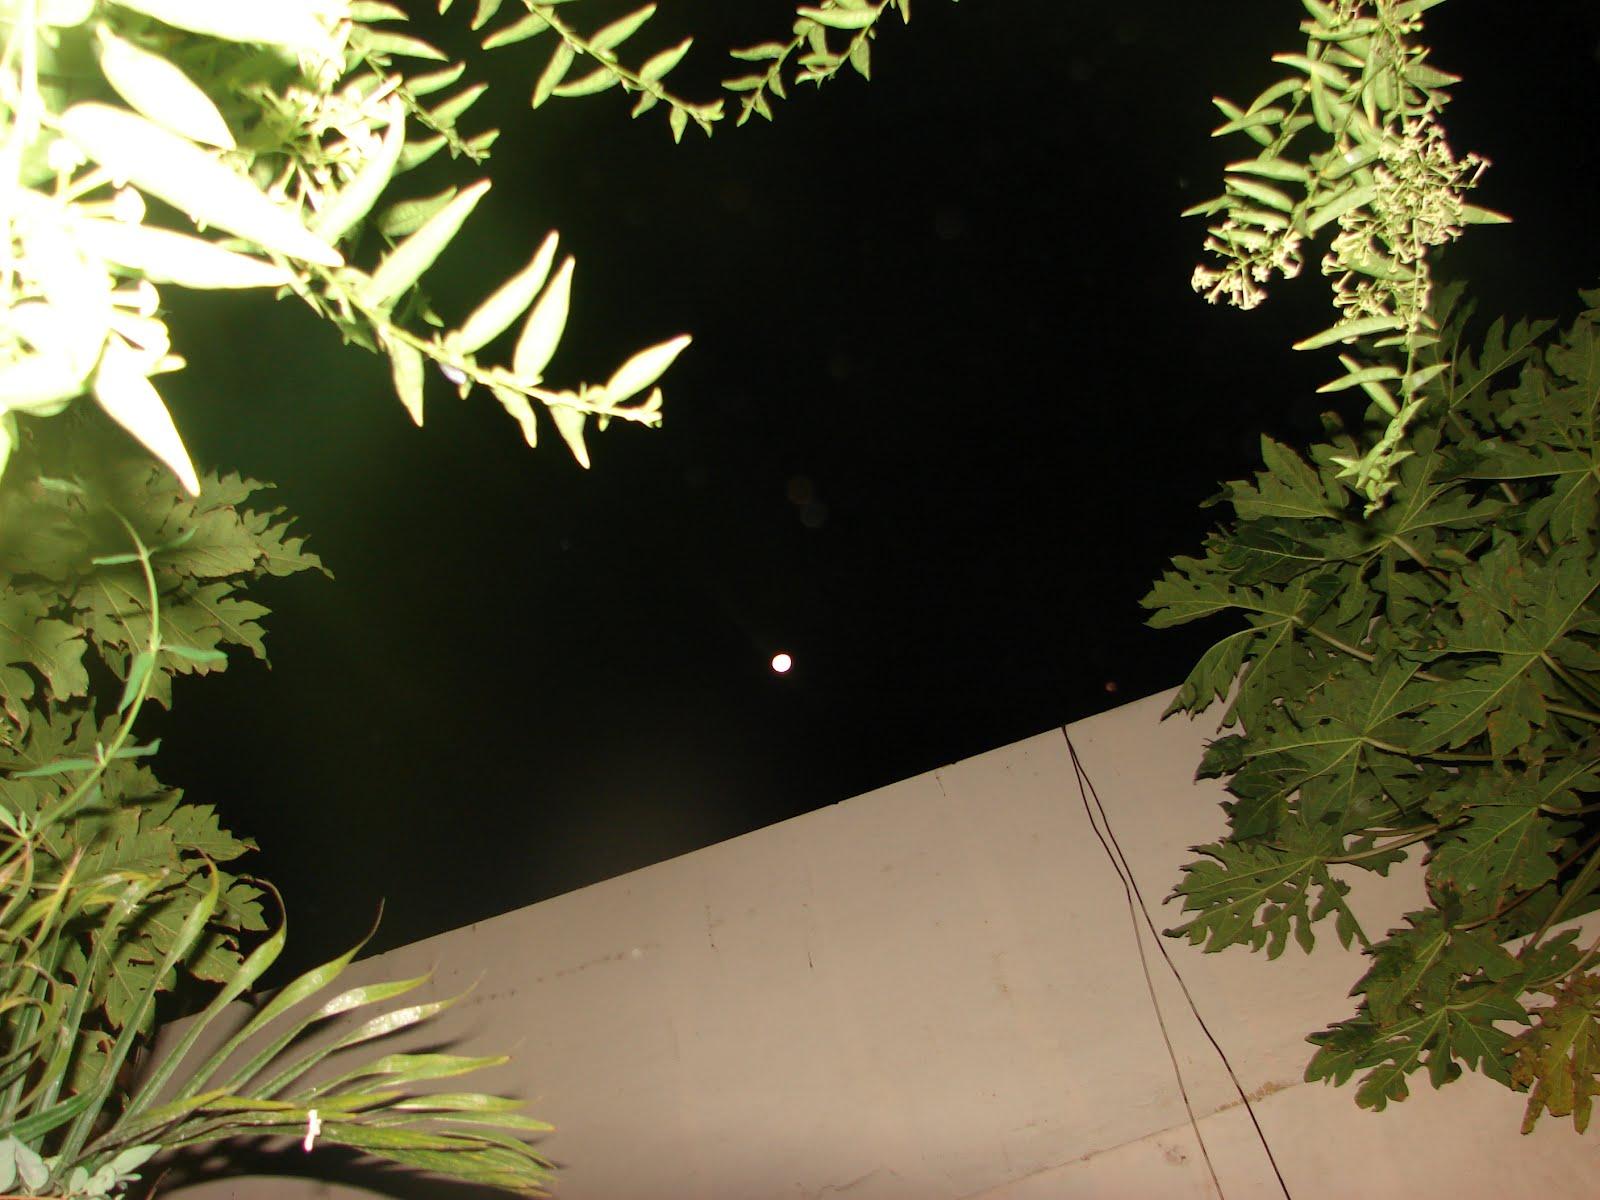 Atencion-4-5-6-7-8-9-Mayo-2012...LUNA llena por OESTE alineada con ovni y planeta rojo sobre pared